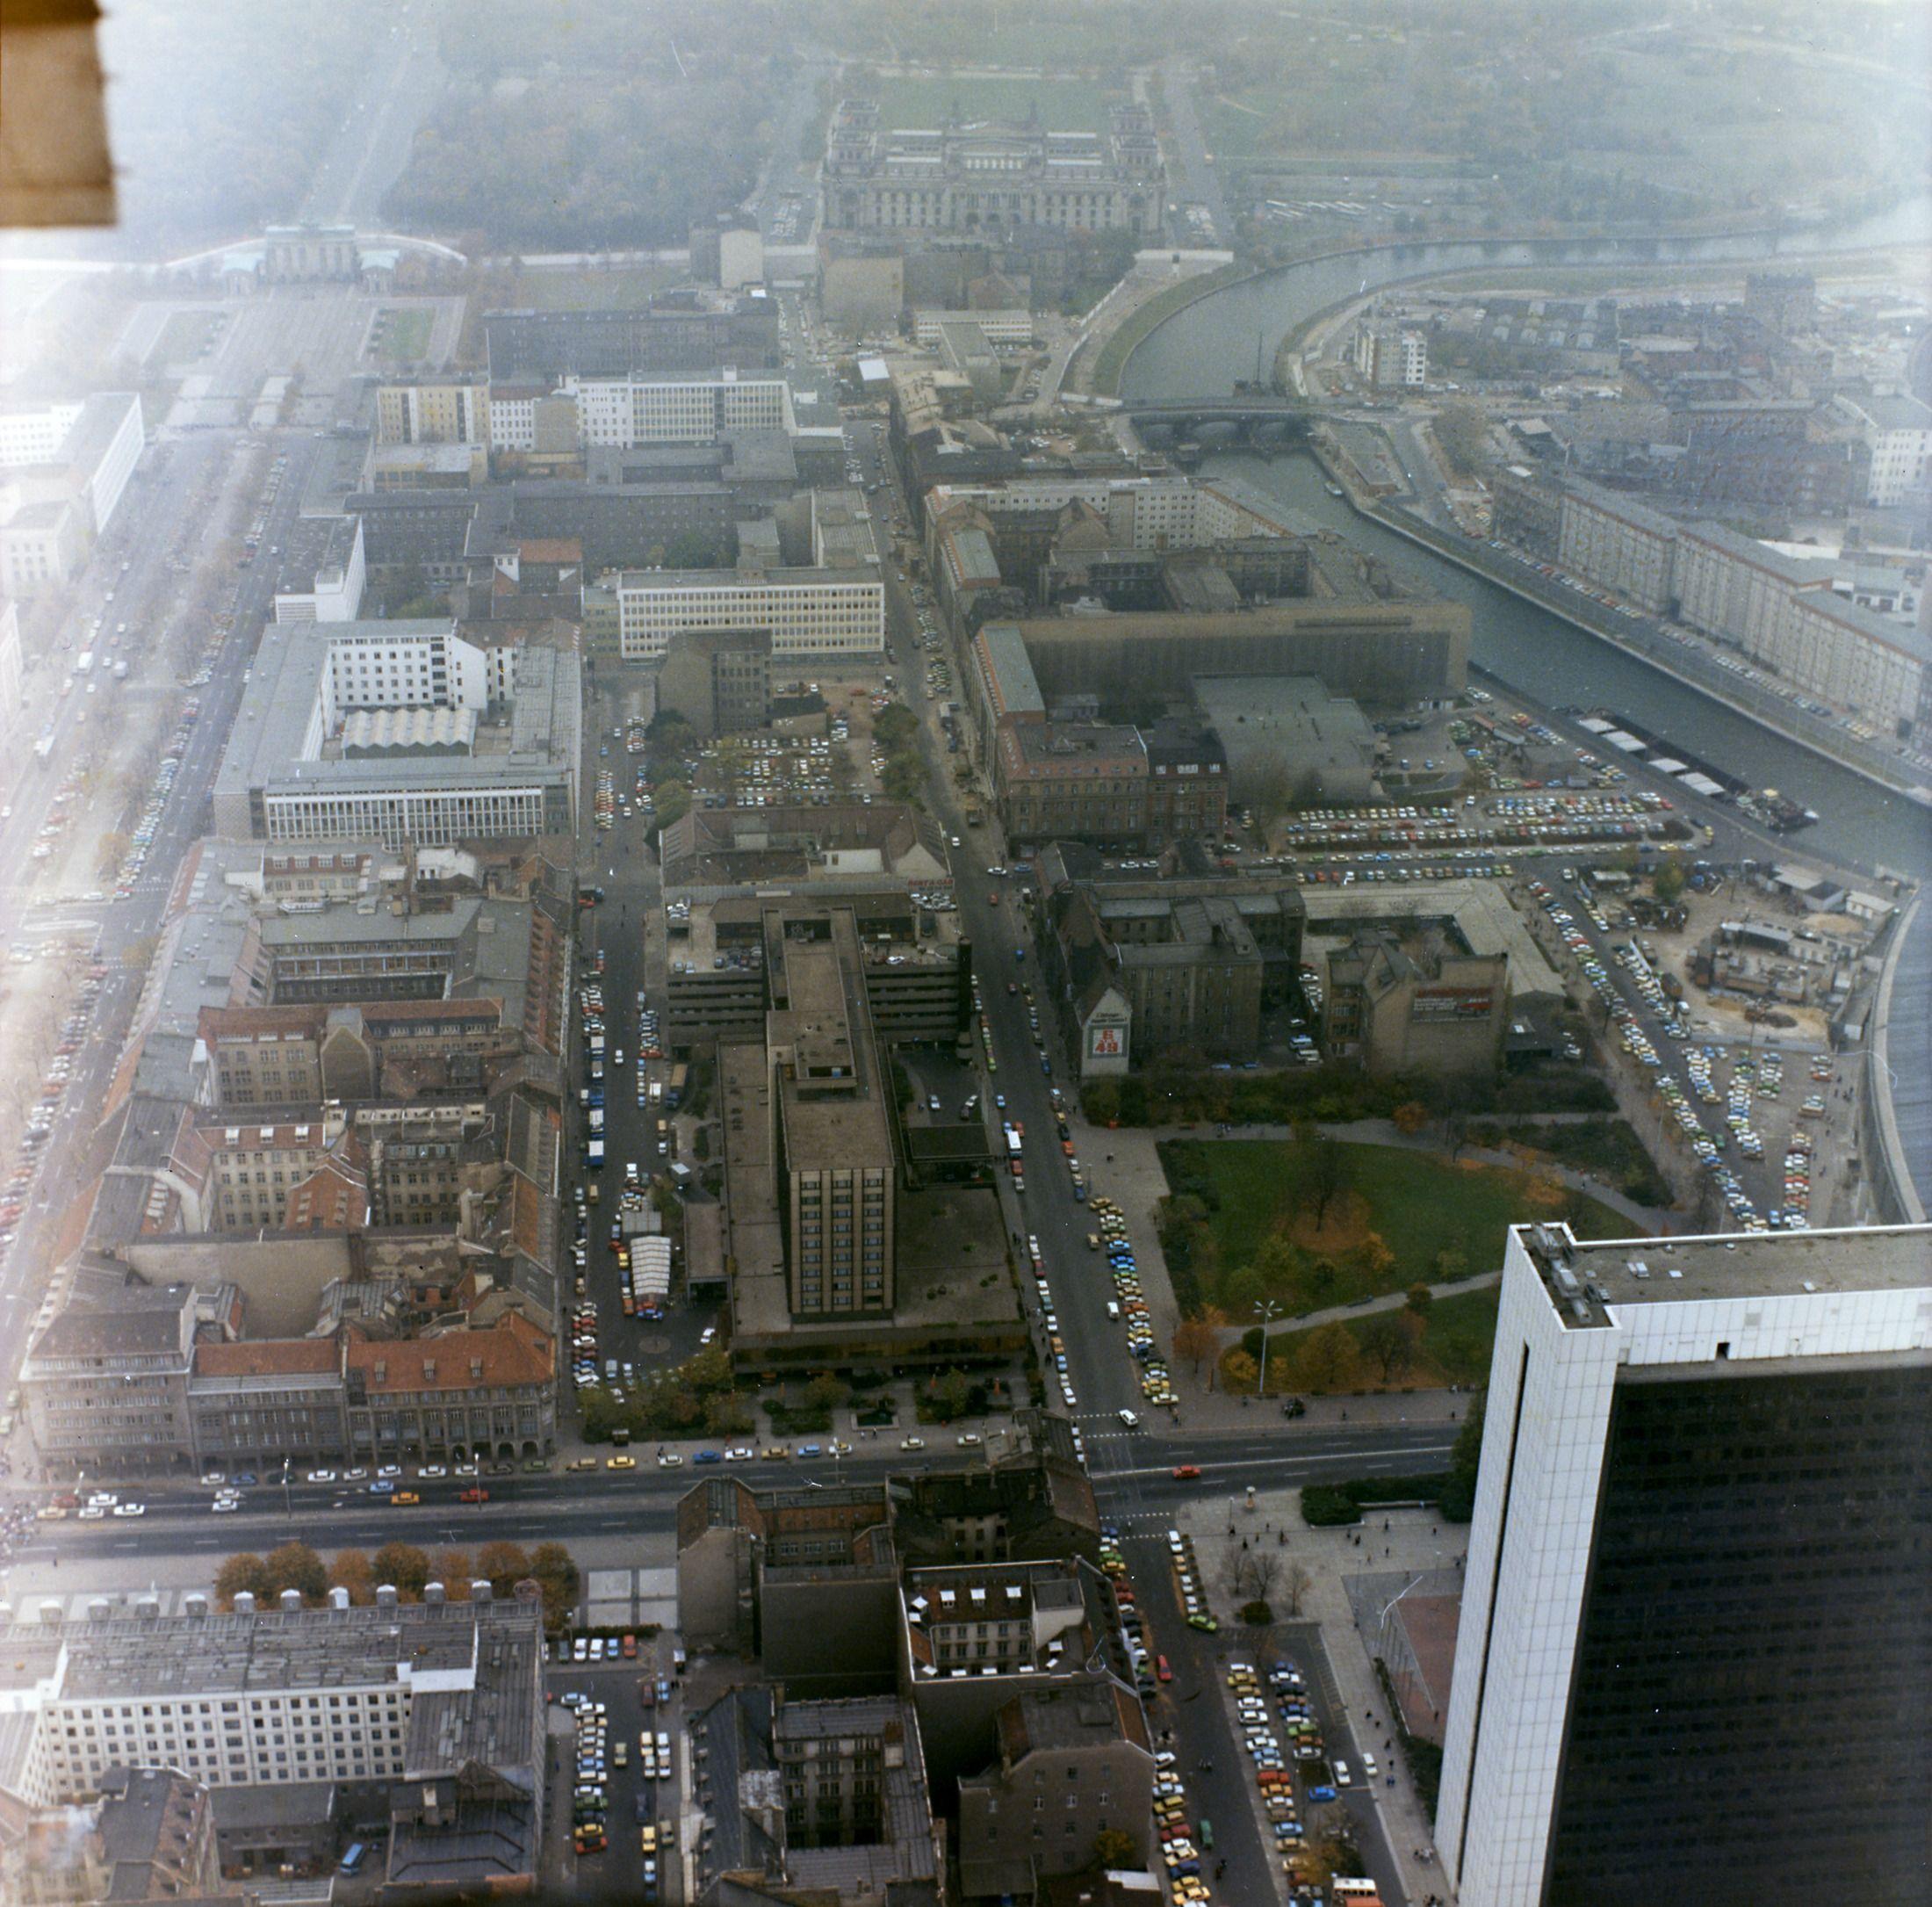 Luftbildaufnahmen Der Berliner Mauer Am Brandenburger Tor Und Am Reichstag Berliner Mauer Brandenburger Tor Mauer